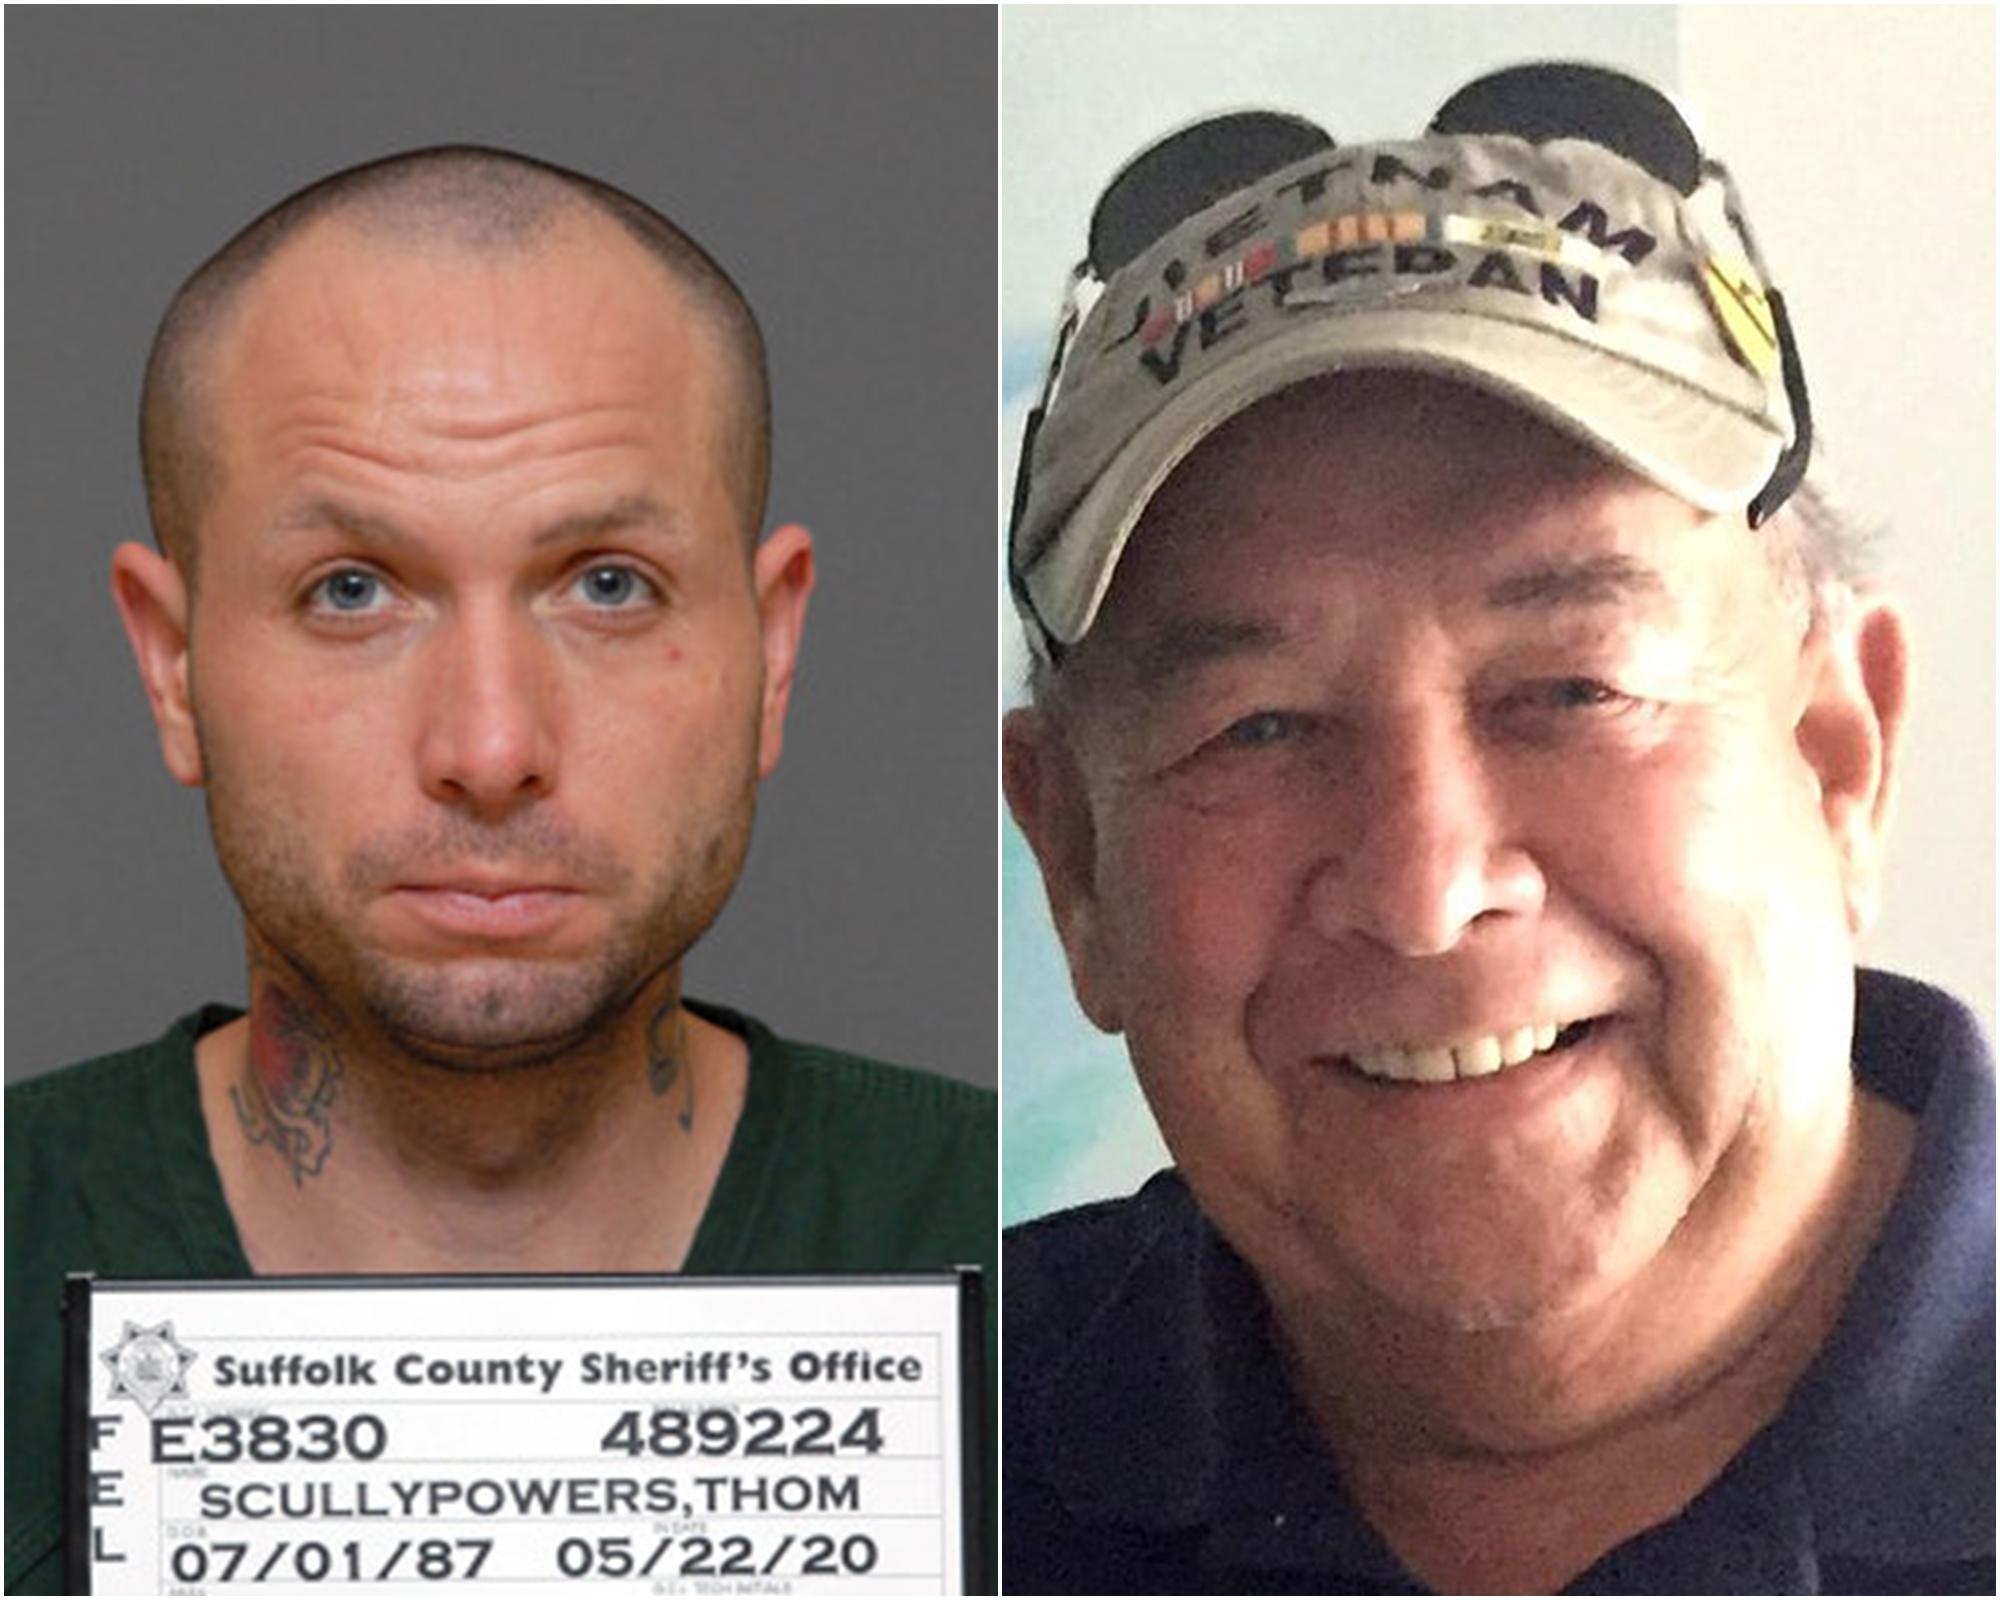 斯庫利-鮑爾斯被控謀殺罪名。蘇福縣地區檢察官圖片